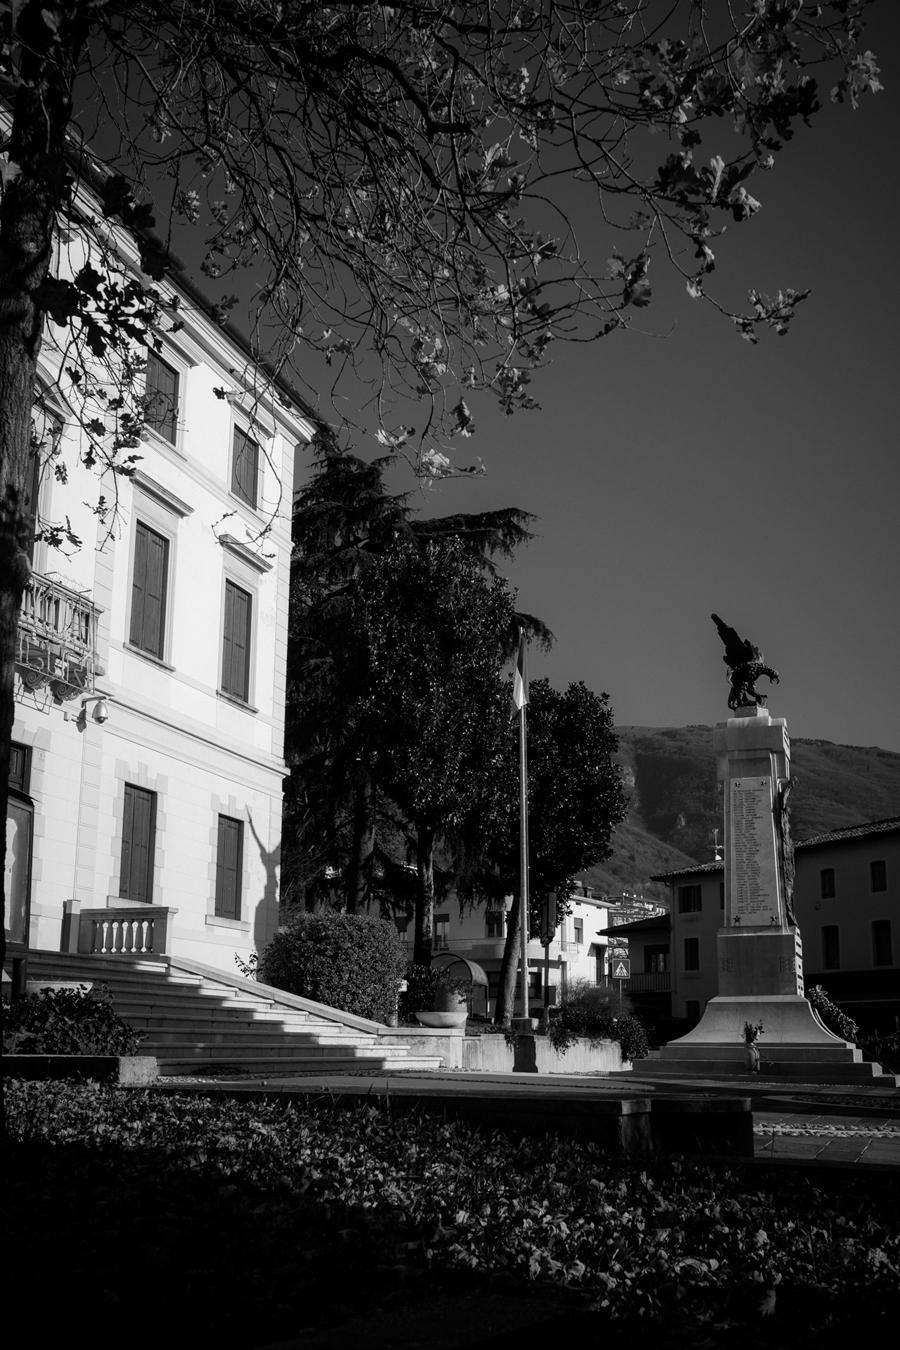 Aspettando_gli-Sposi-Storytelling-Renato-Zanette-Fotografo-di-Matrimonio-Fregona-Treviso